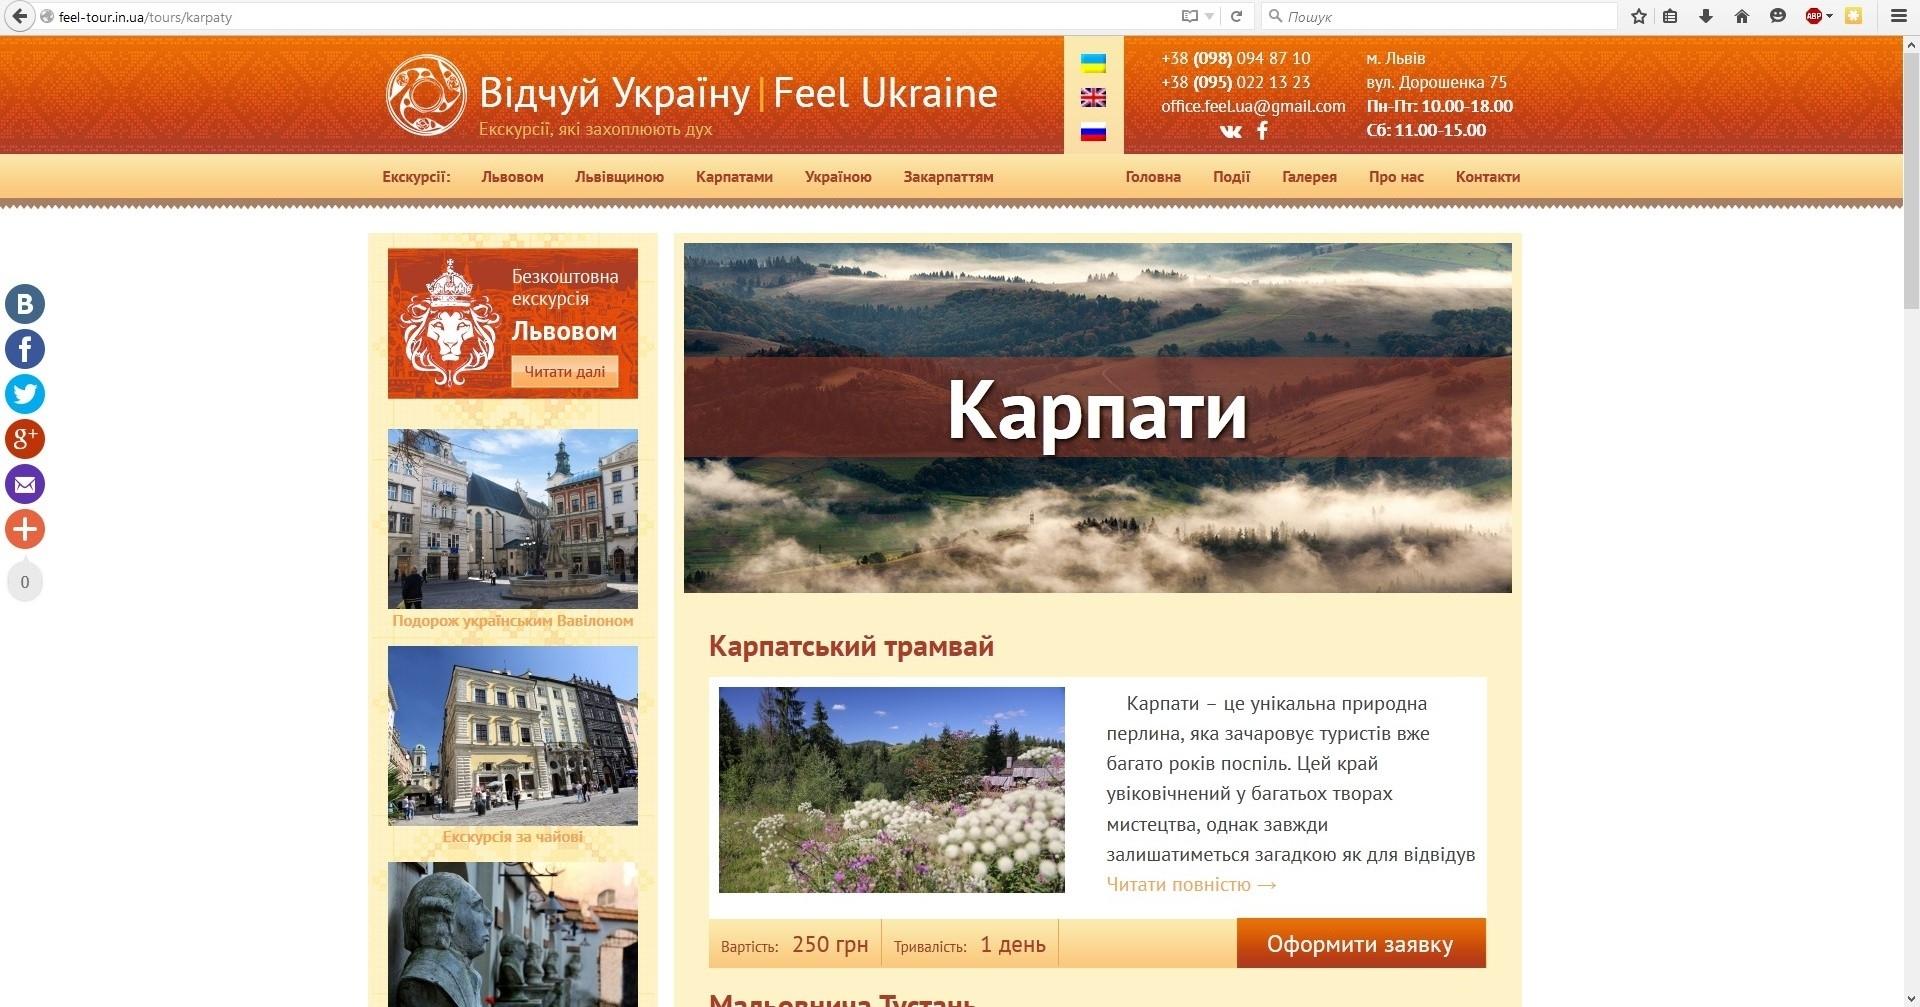 Перелік екскурсій. Відчуй Україну | Feel Ukraine